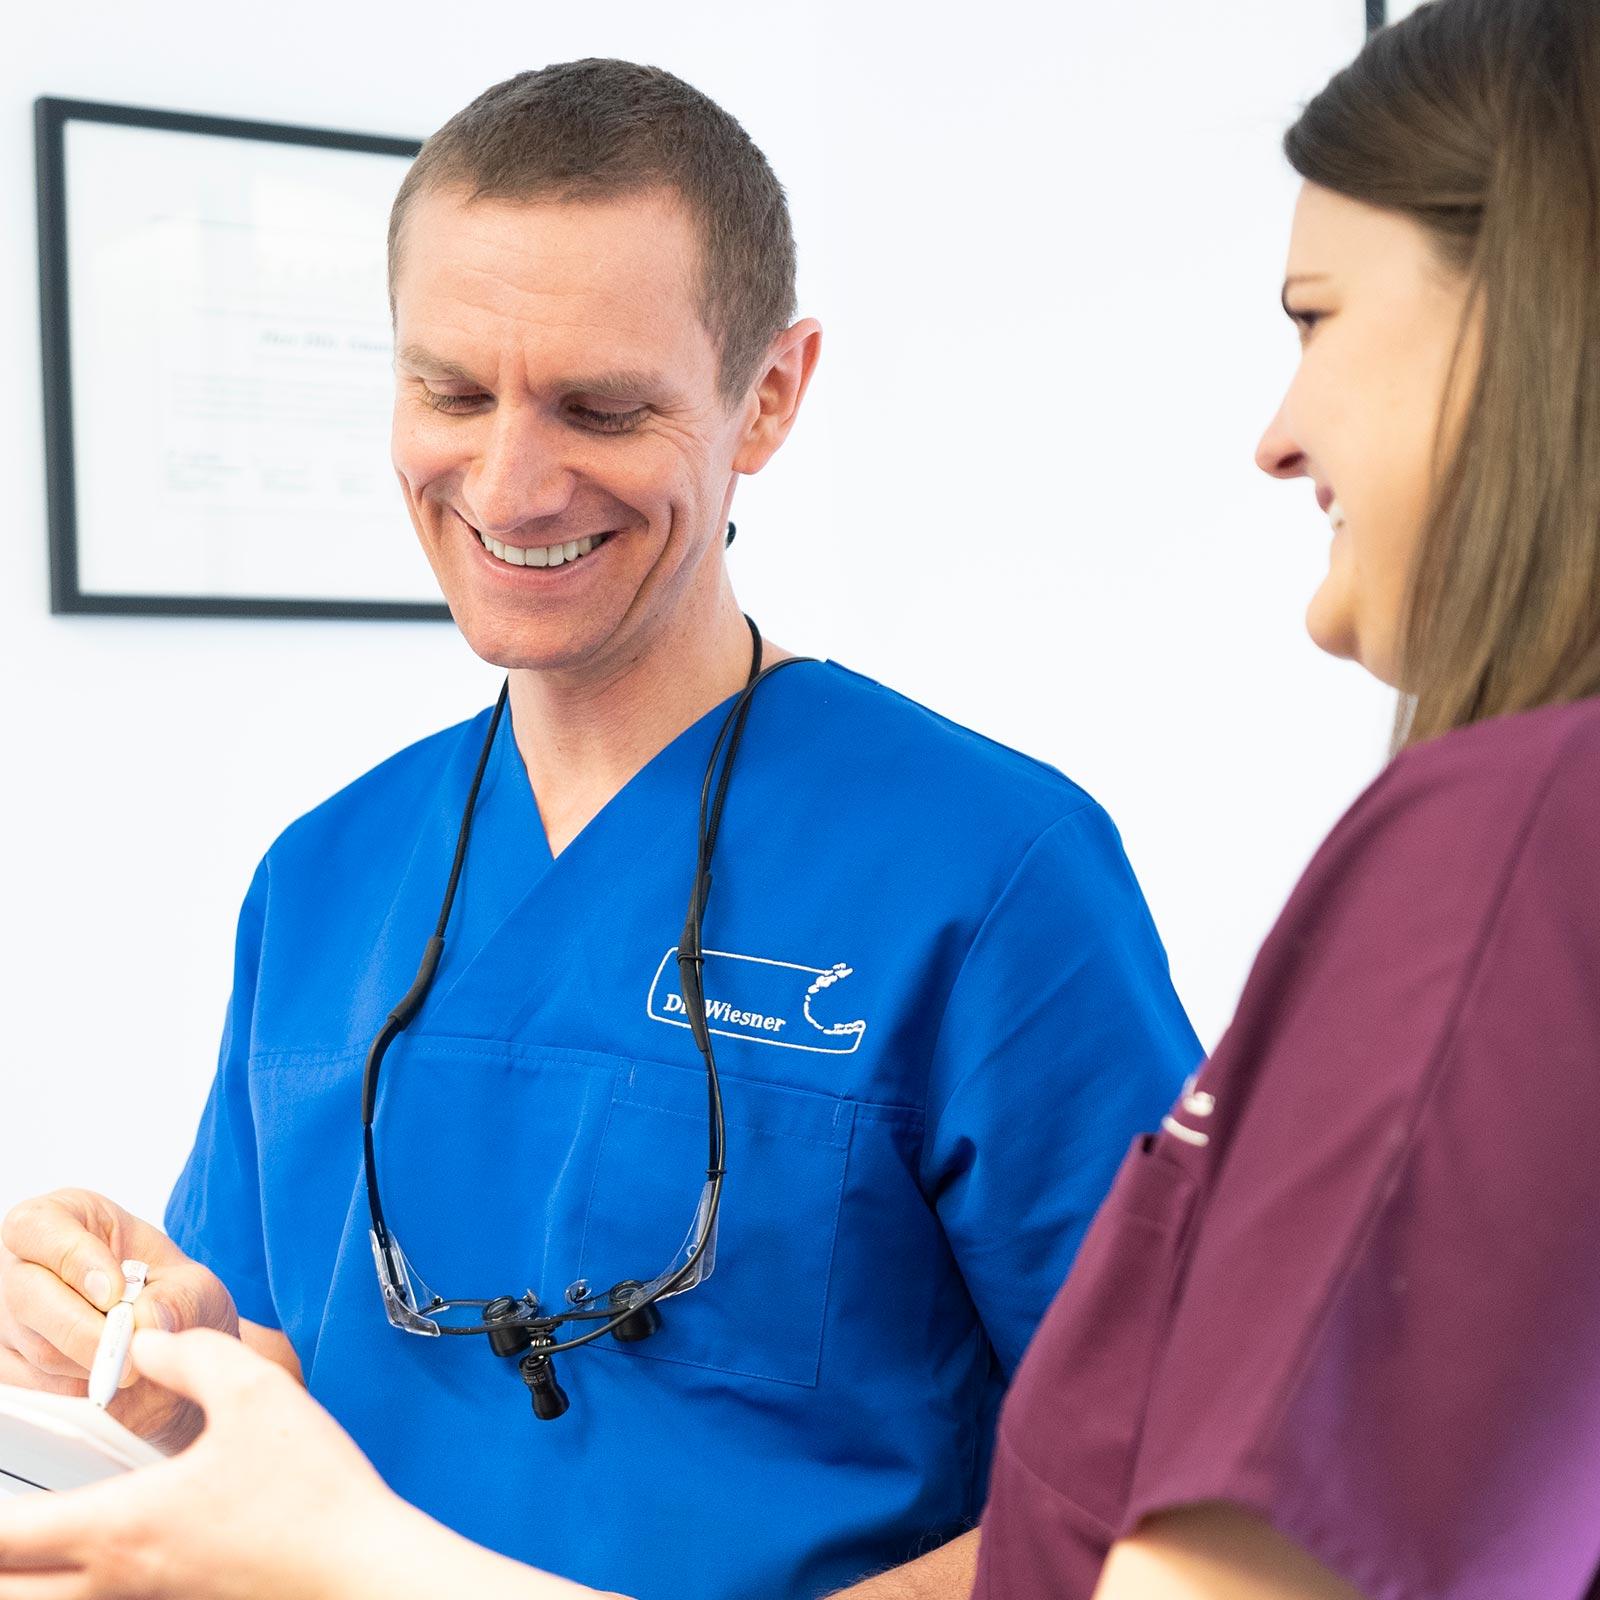 Schwerpunkte der Zahnarztpraxis Wiesner in Innsbruck.